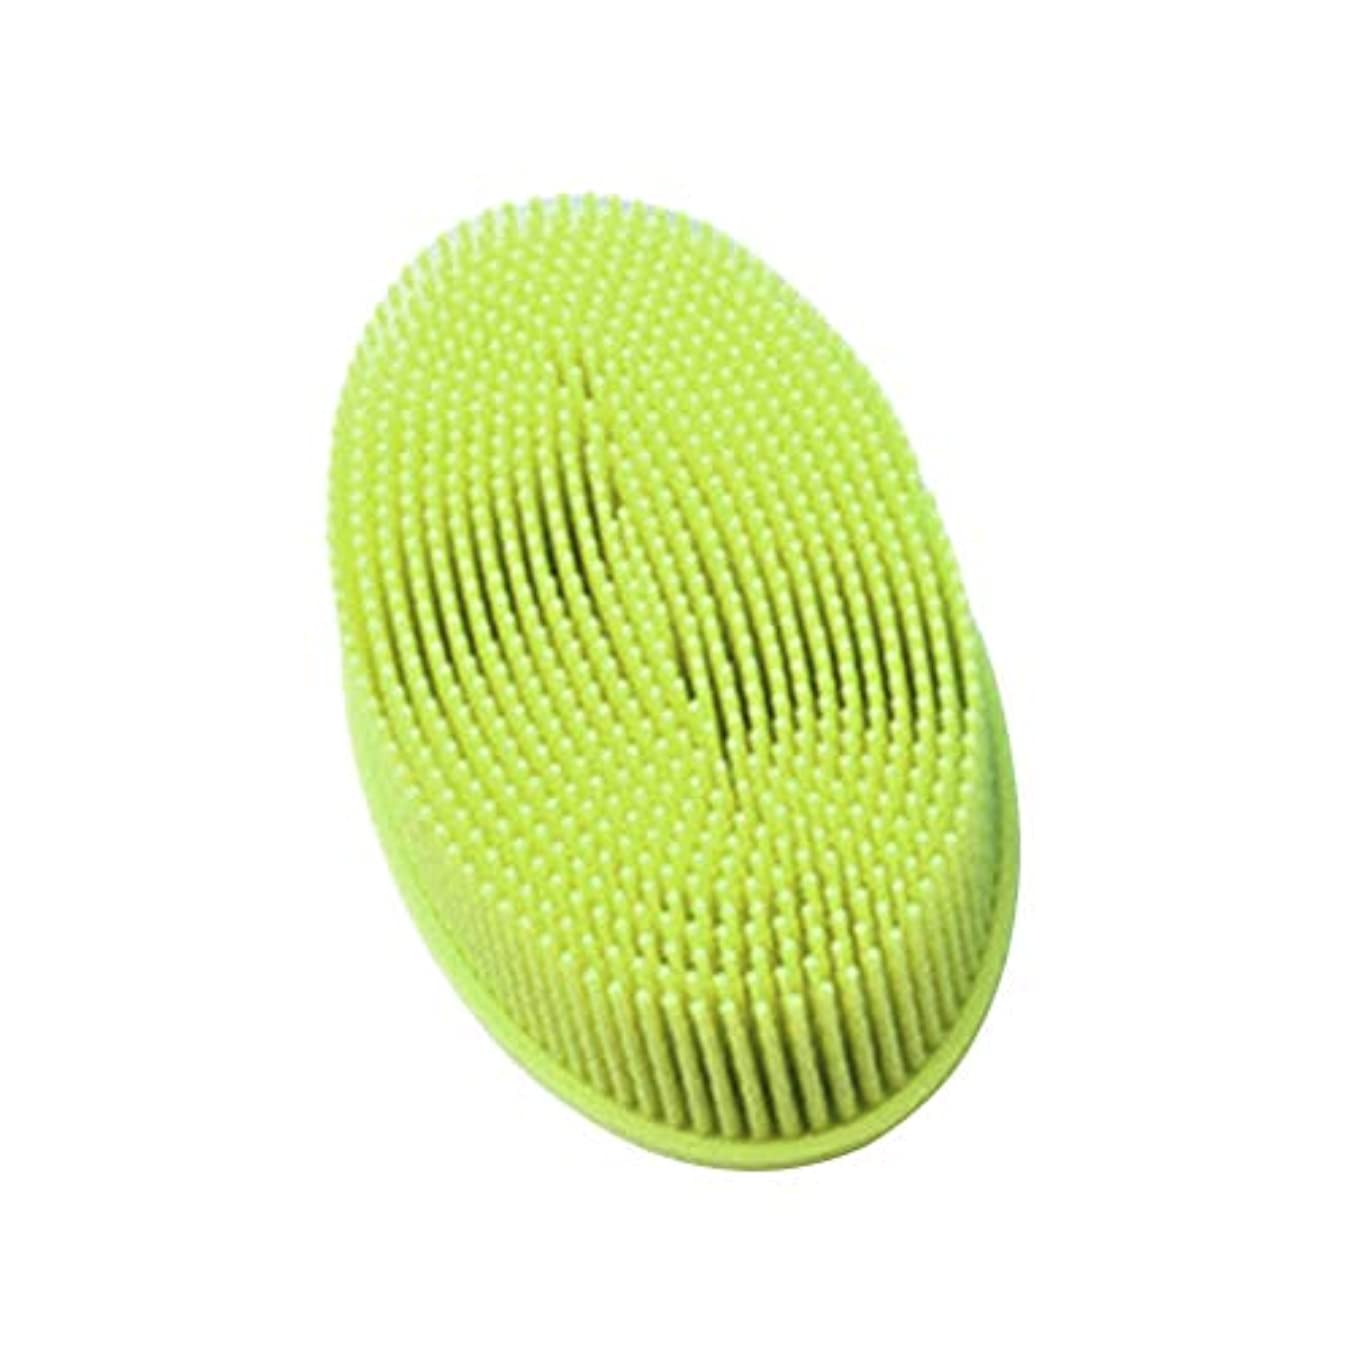 トイレ特異性感情のTOPBATHY シリコンシャワーブラシ 頭皮 洗顔 ボディブラシ お風呂 柔らかい 体洗いブラシ 肌にやさしい 多機能 角質除去 疲れ解消(グリーン)